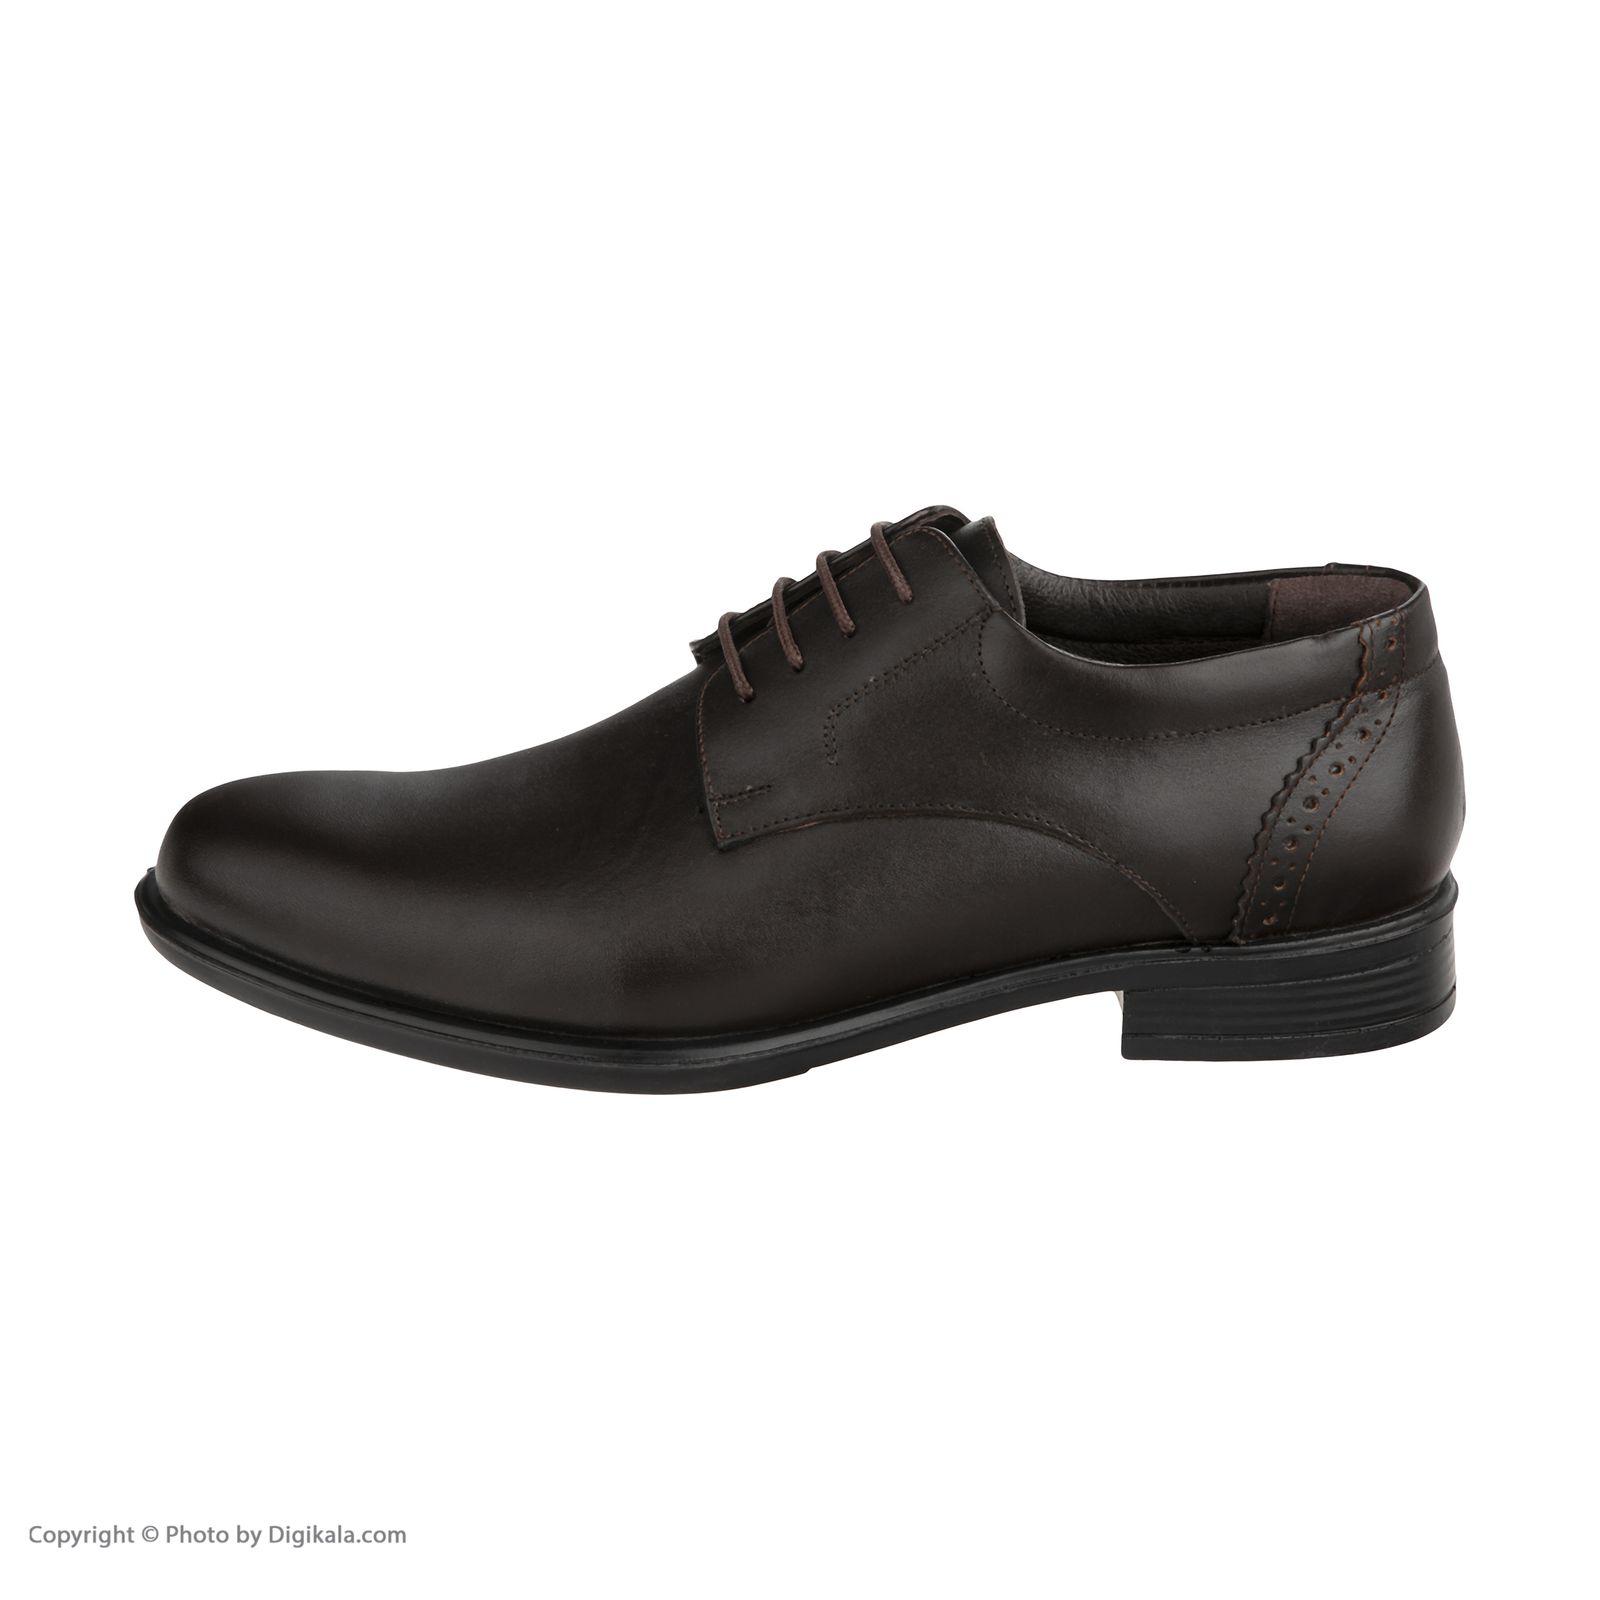 کفش مردانه بلوط مدل 7297A503104 -  - 3